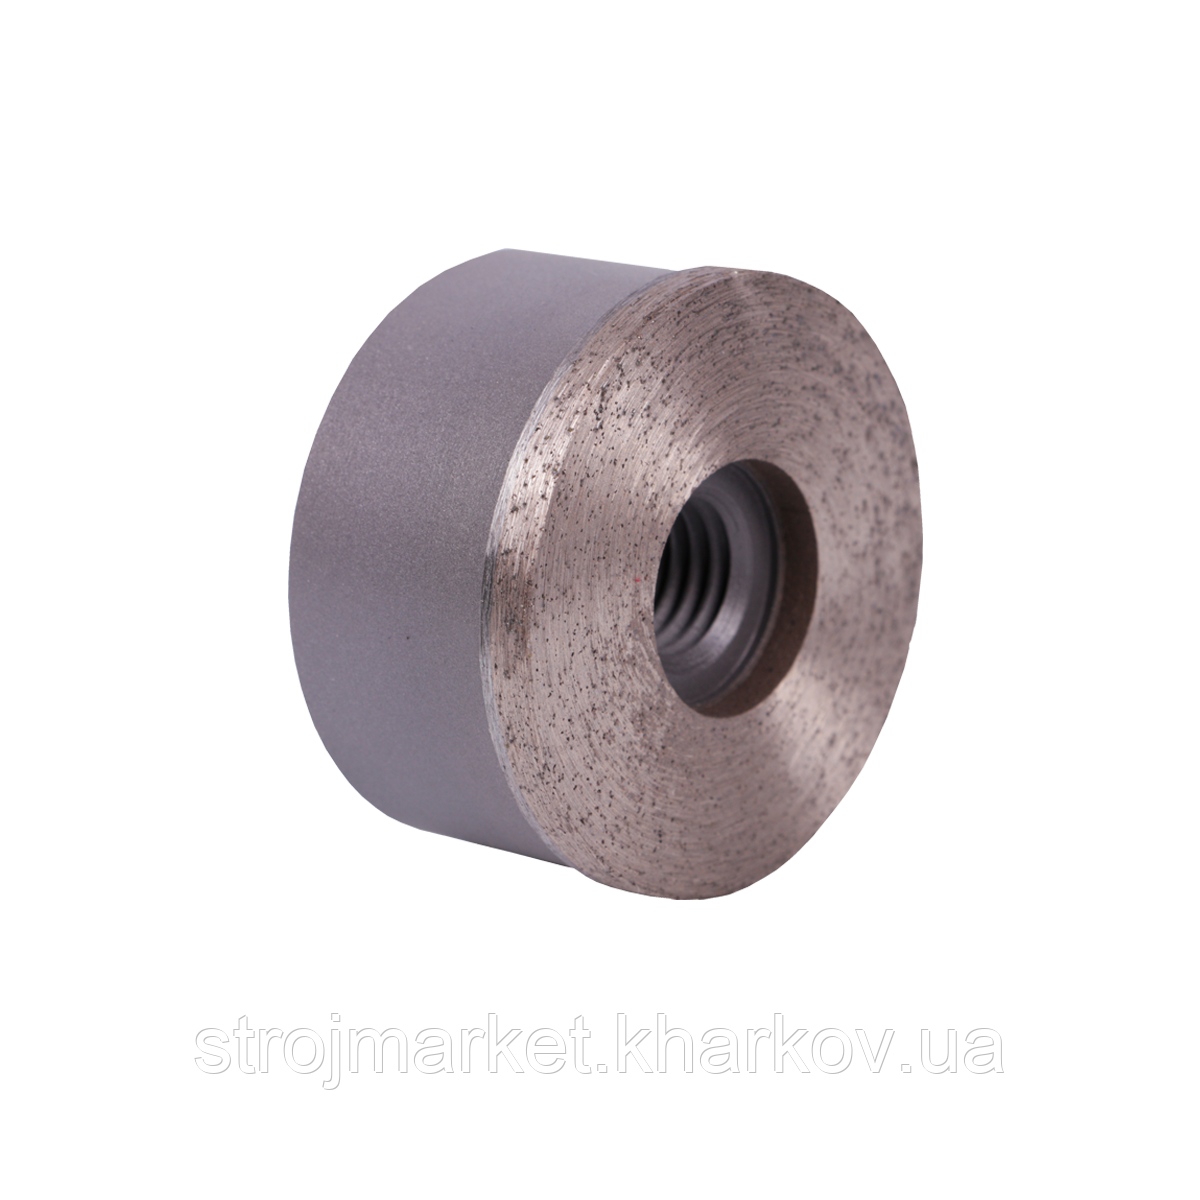 Гайка-фреза DGW-S 49 Hard Ceramics ТМ Дистар (зерно 100/120)